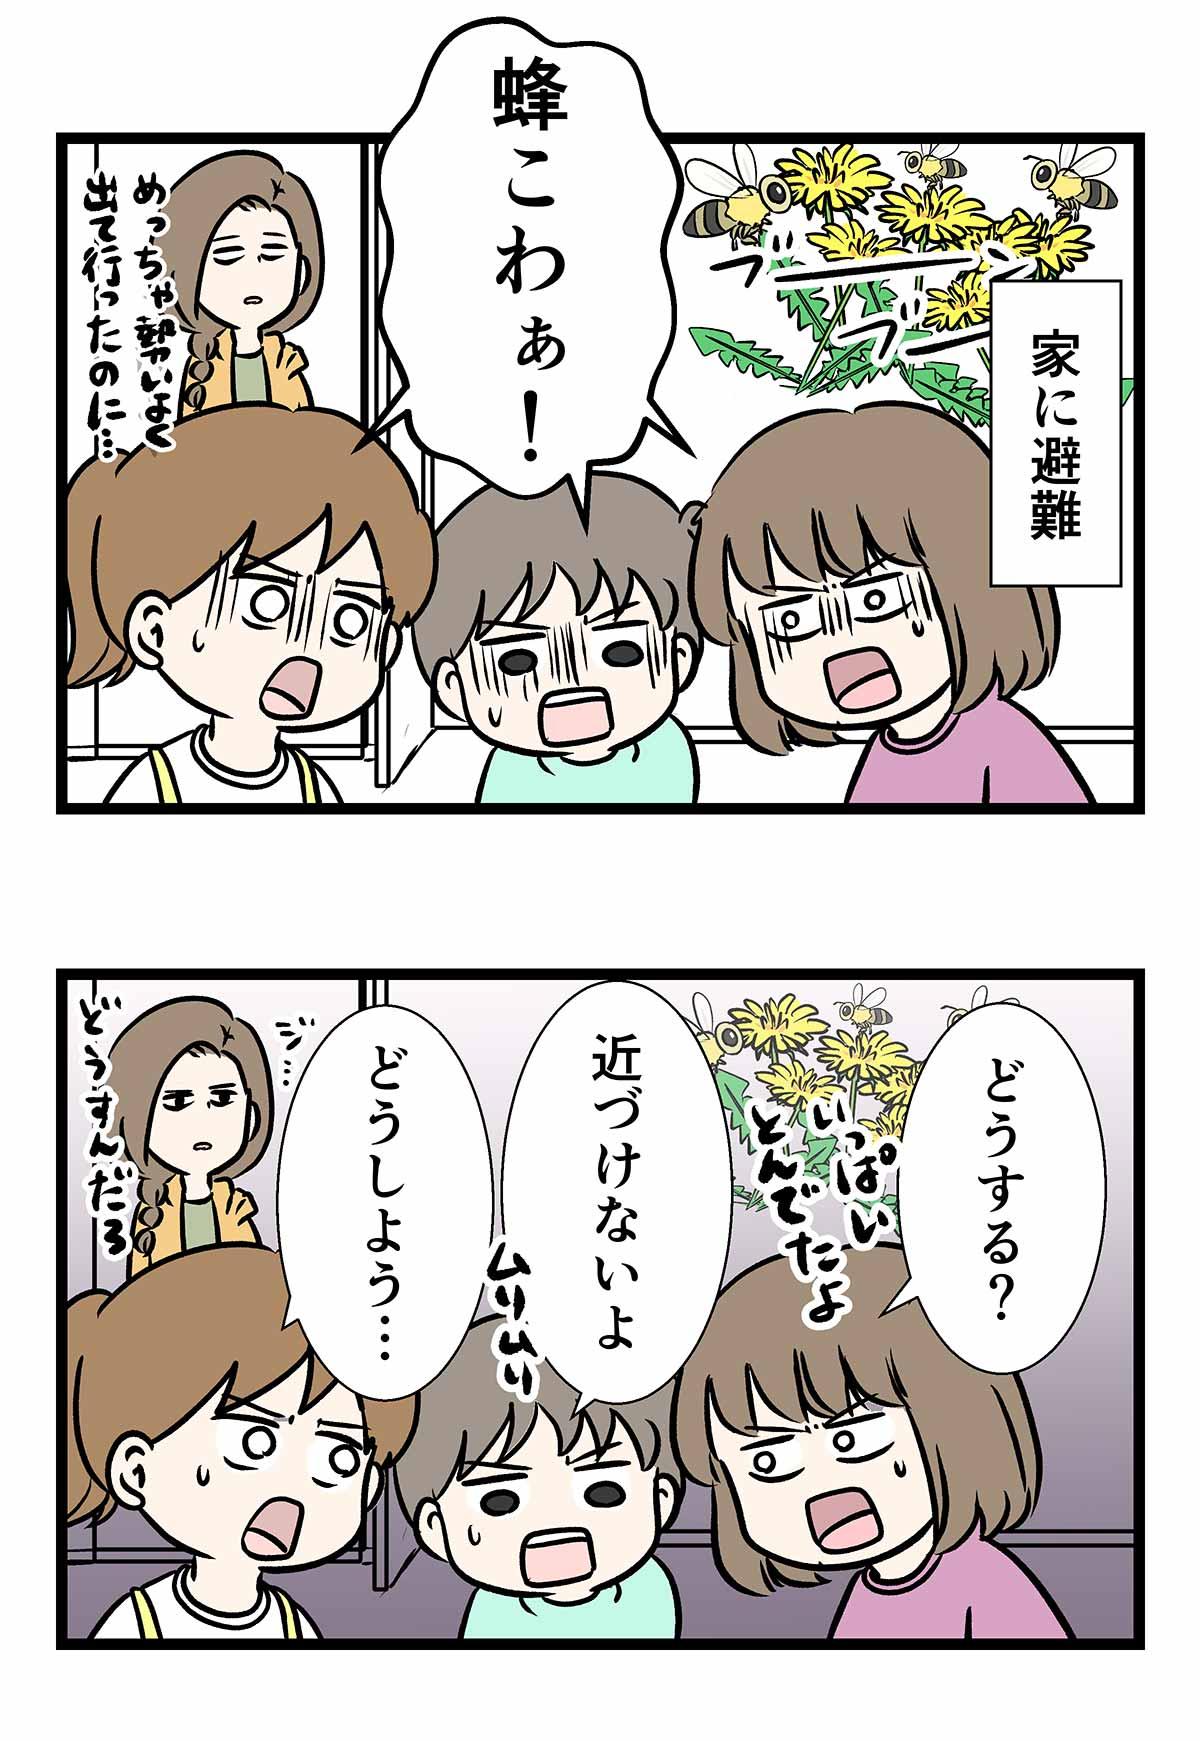 緊急SOS!公園の西洋タンポポ全部抜く大作戦!